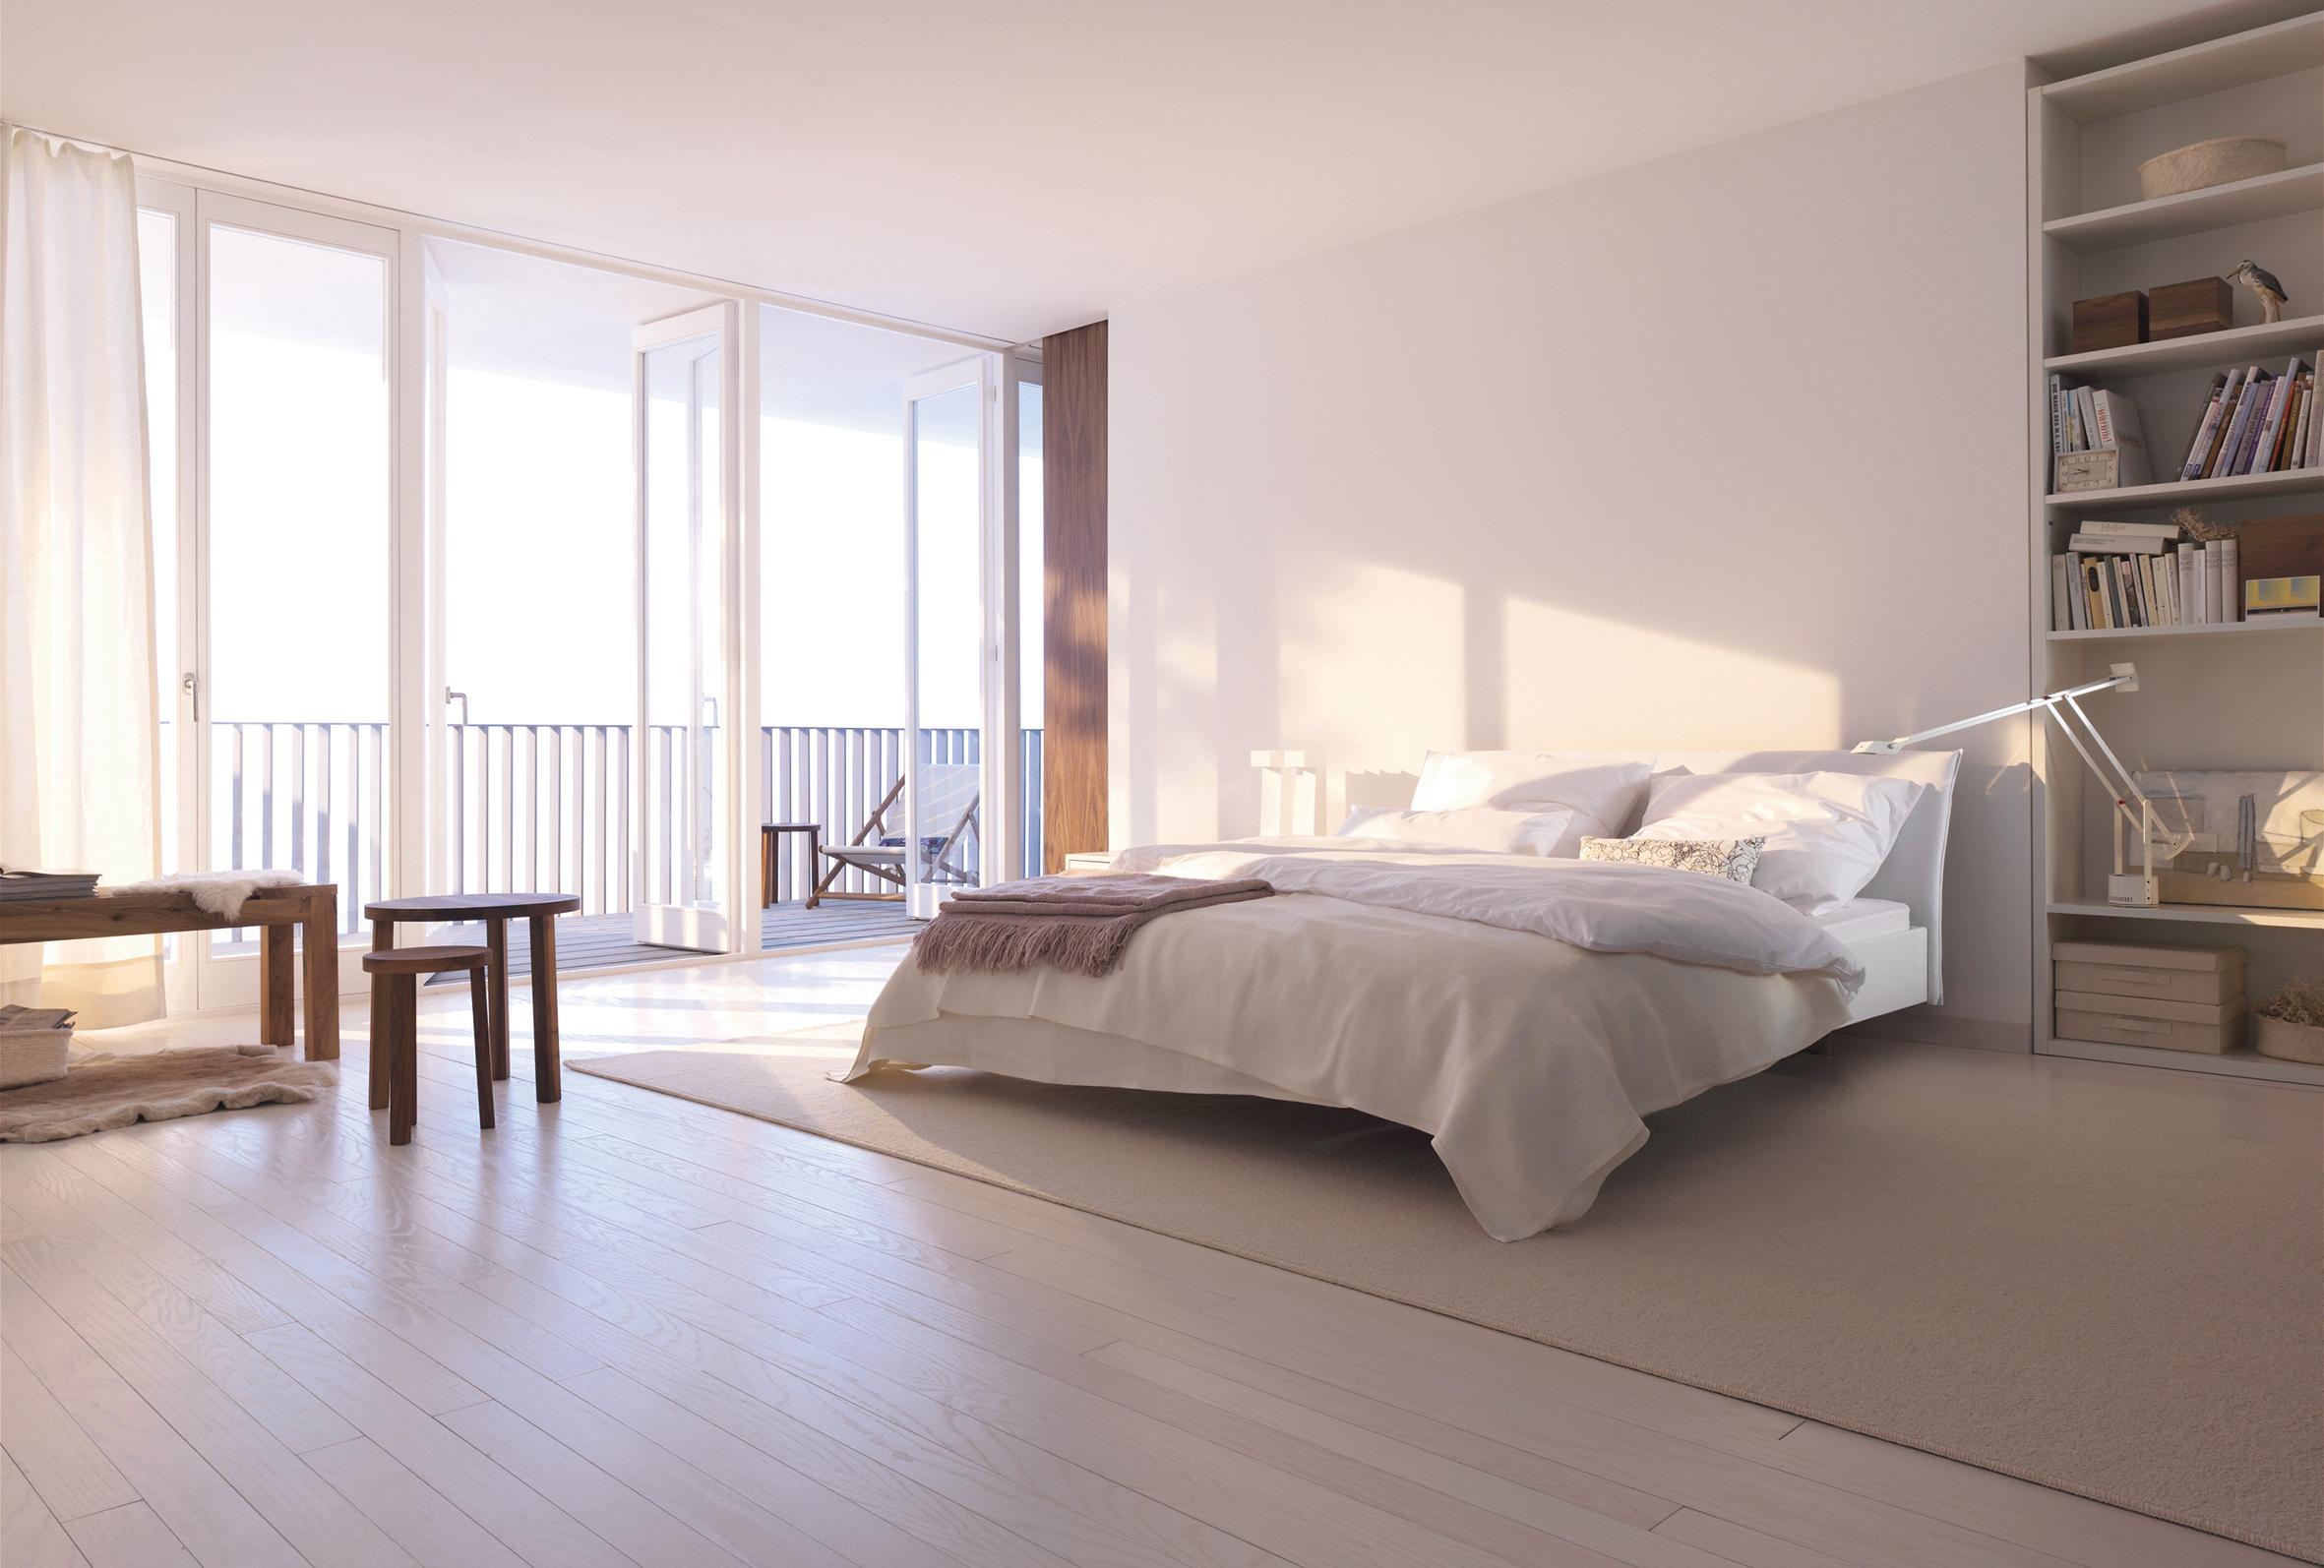 Schlafzimmer In Cremefarben Einrichten #boxspringbett #cremefarben # Zimmergestaltung ©Interlübke